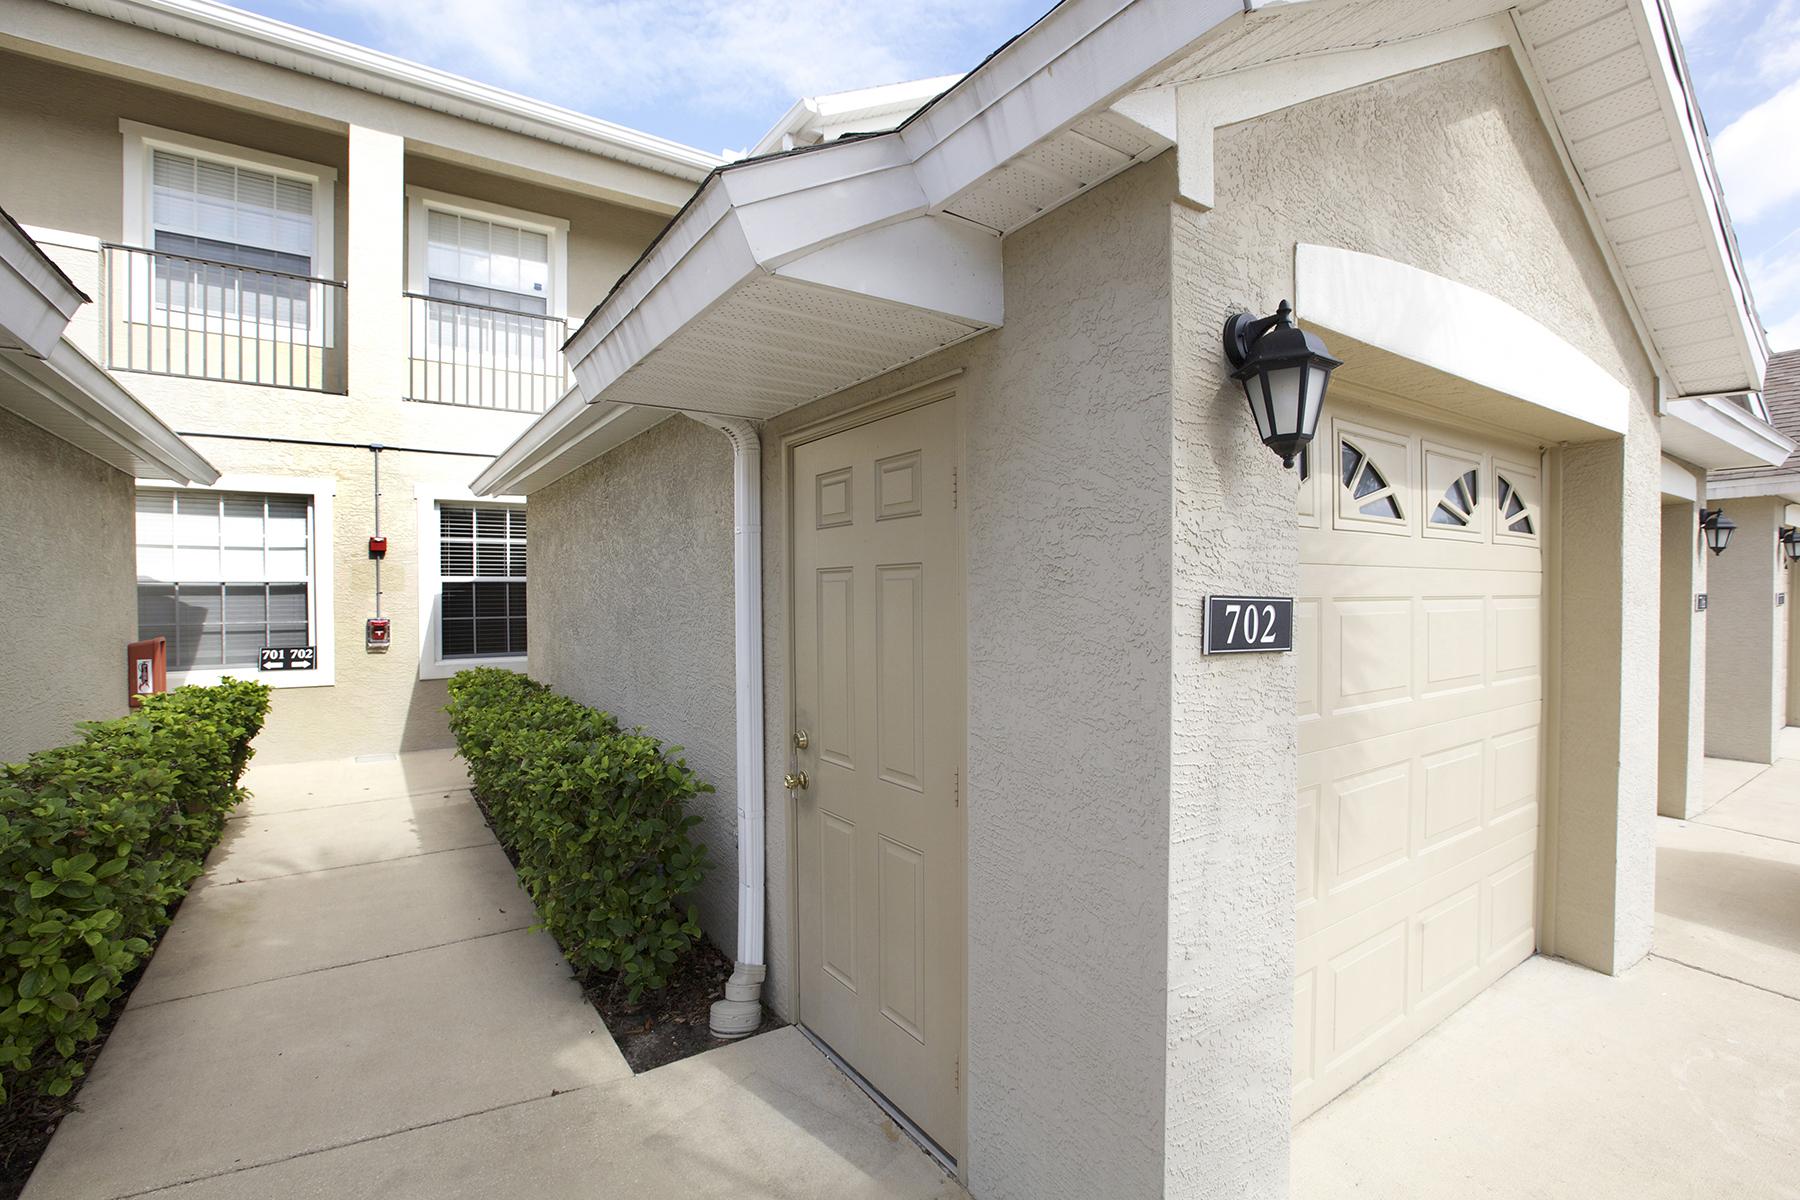 Copropriété pour l Vente à LAKE NONA 9416 Myrtle Creek Ln 702 Orlando, Florida, 32832 États-Unis